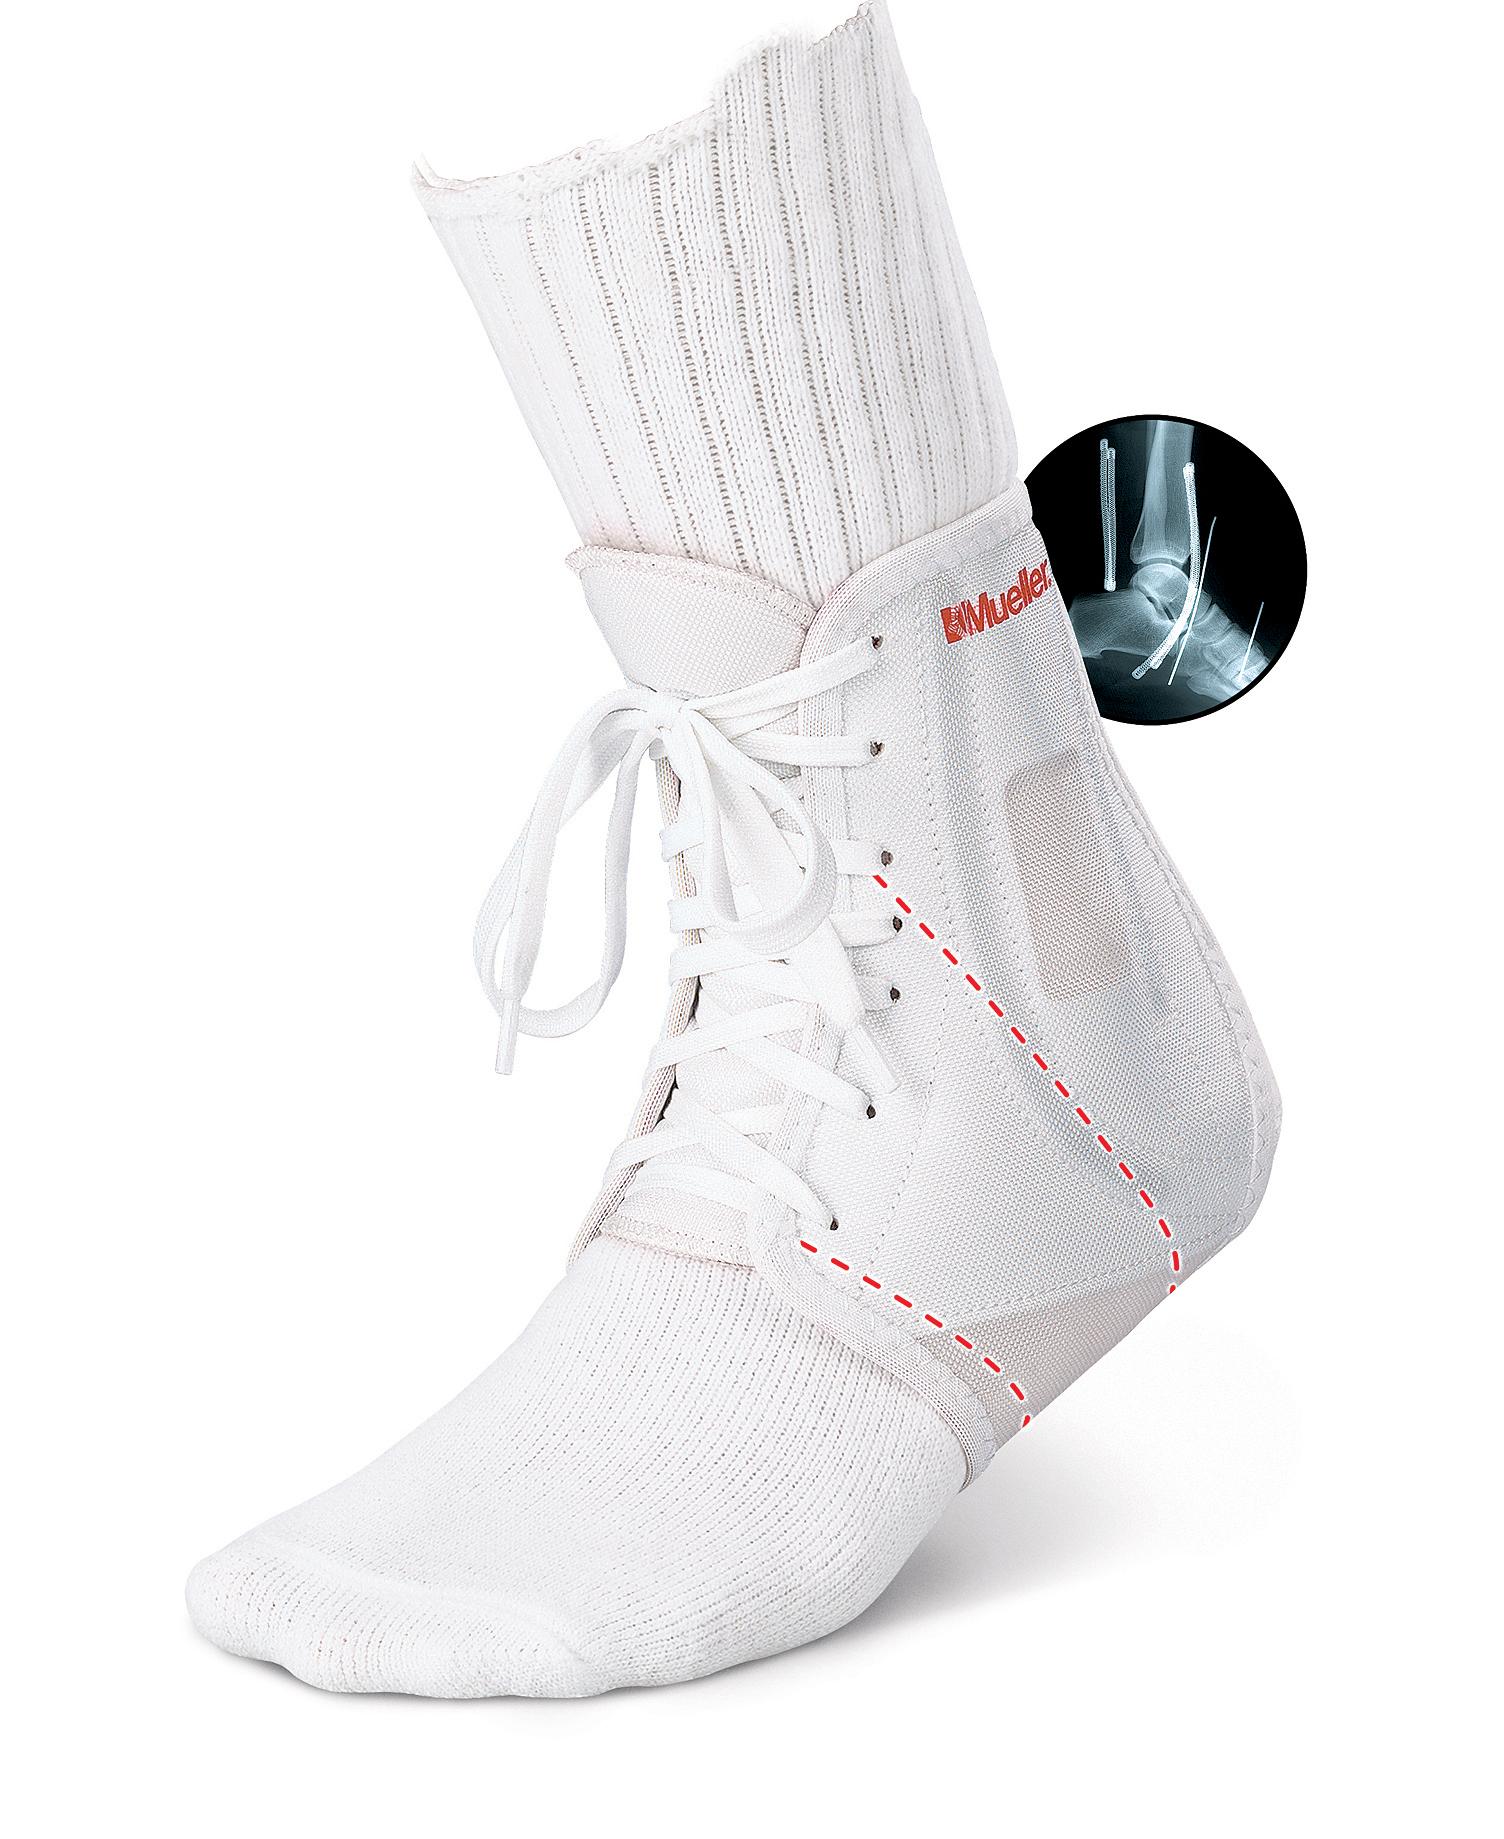 pro-level-atf-ankle-brace-white-xs-212xs-74676212111-lr.jpg